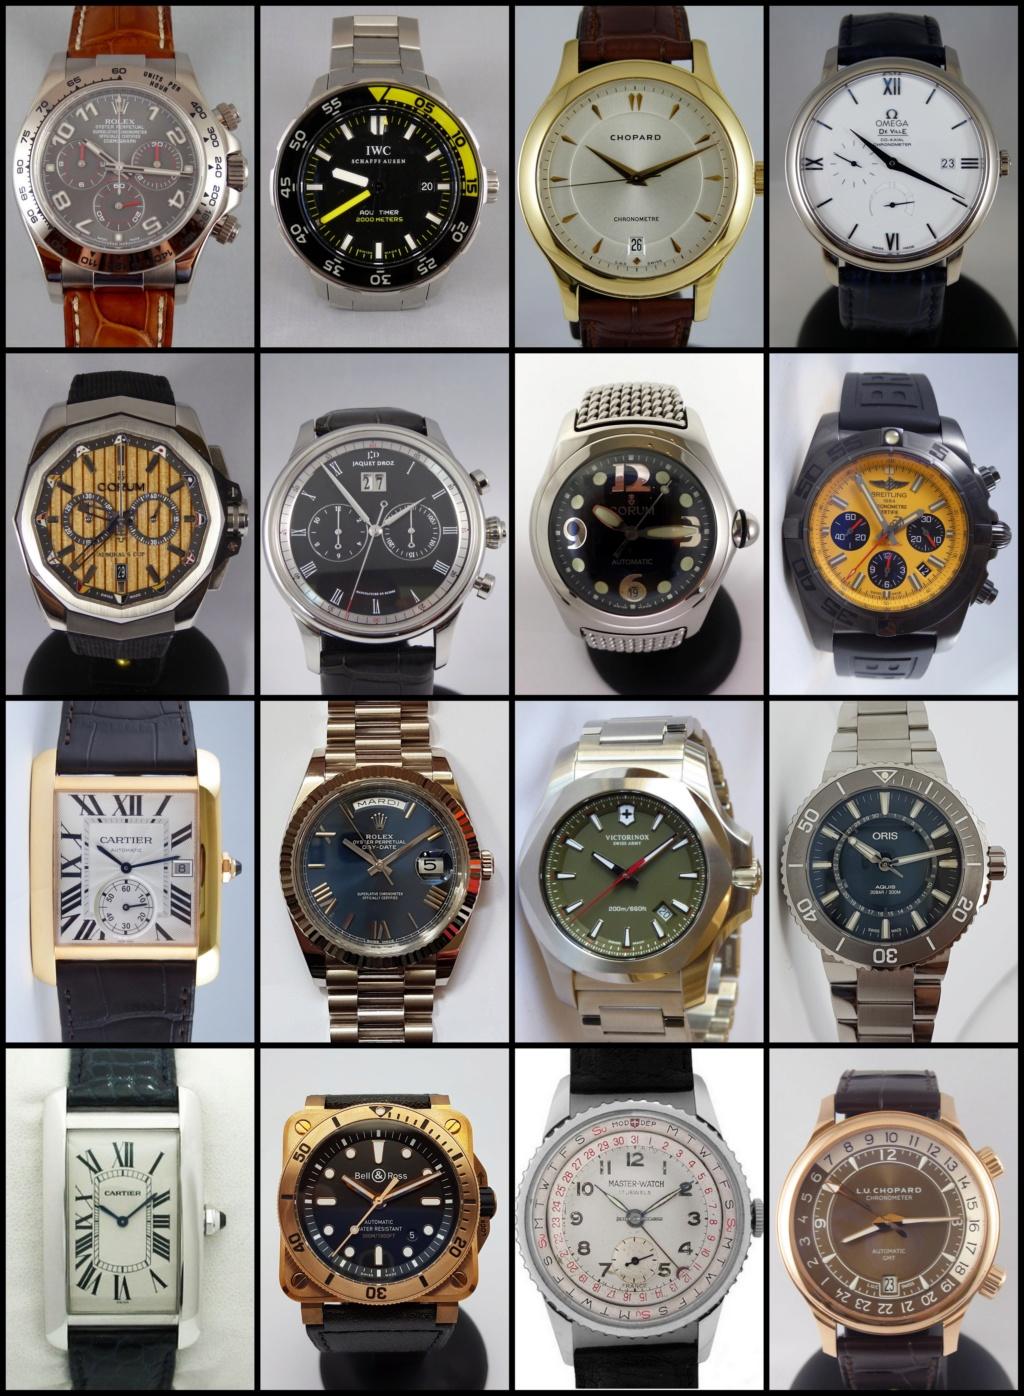 Votre collection en une photo - Tome 9 - Page 35 Collec21